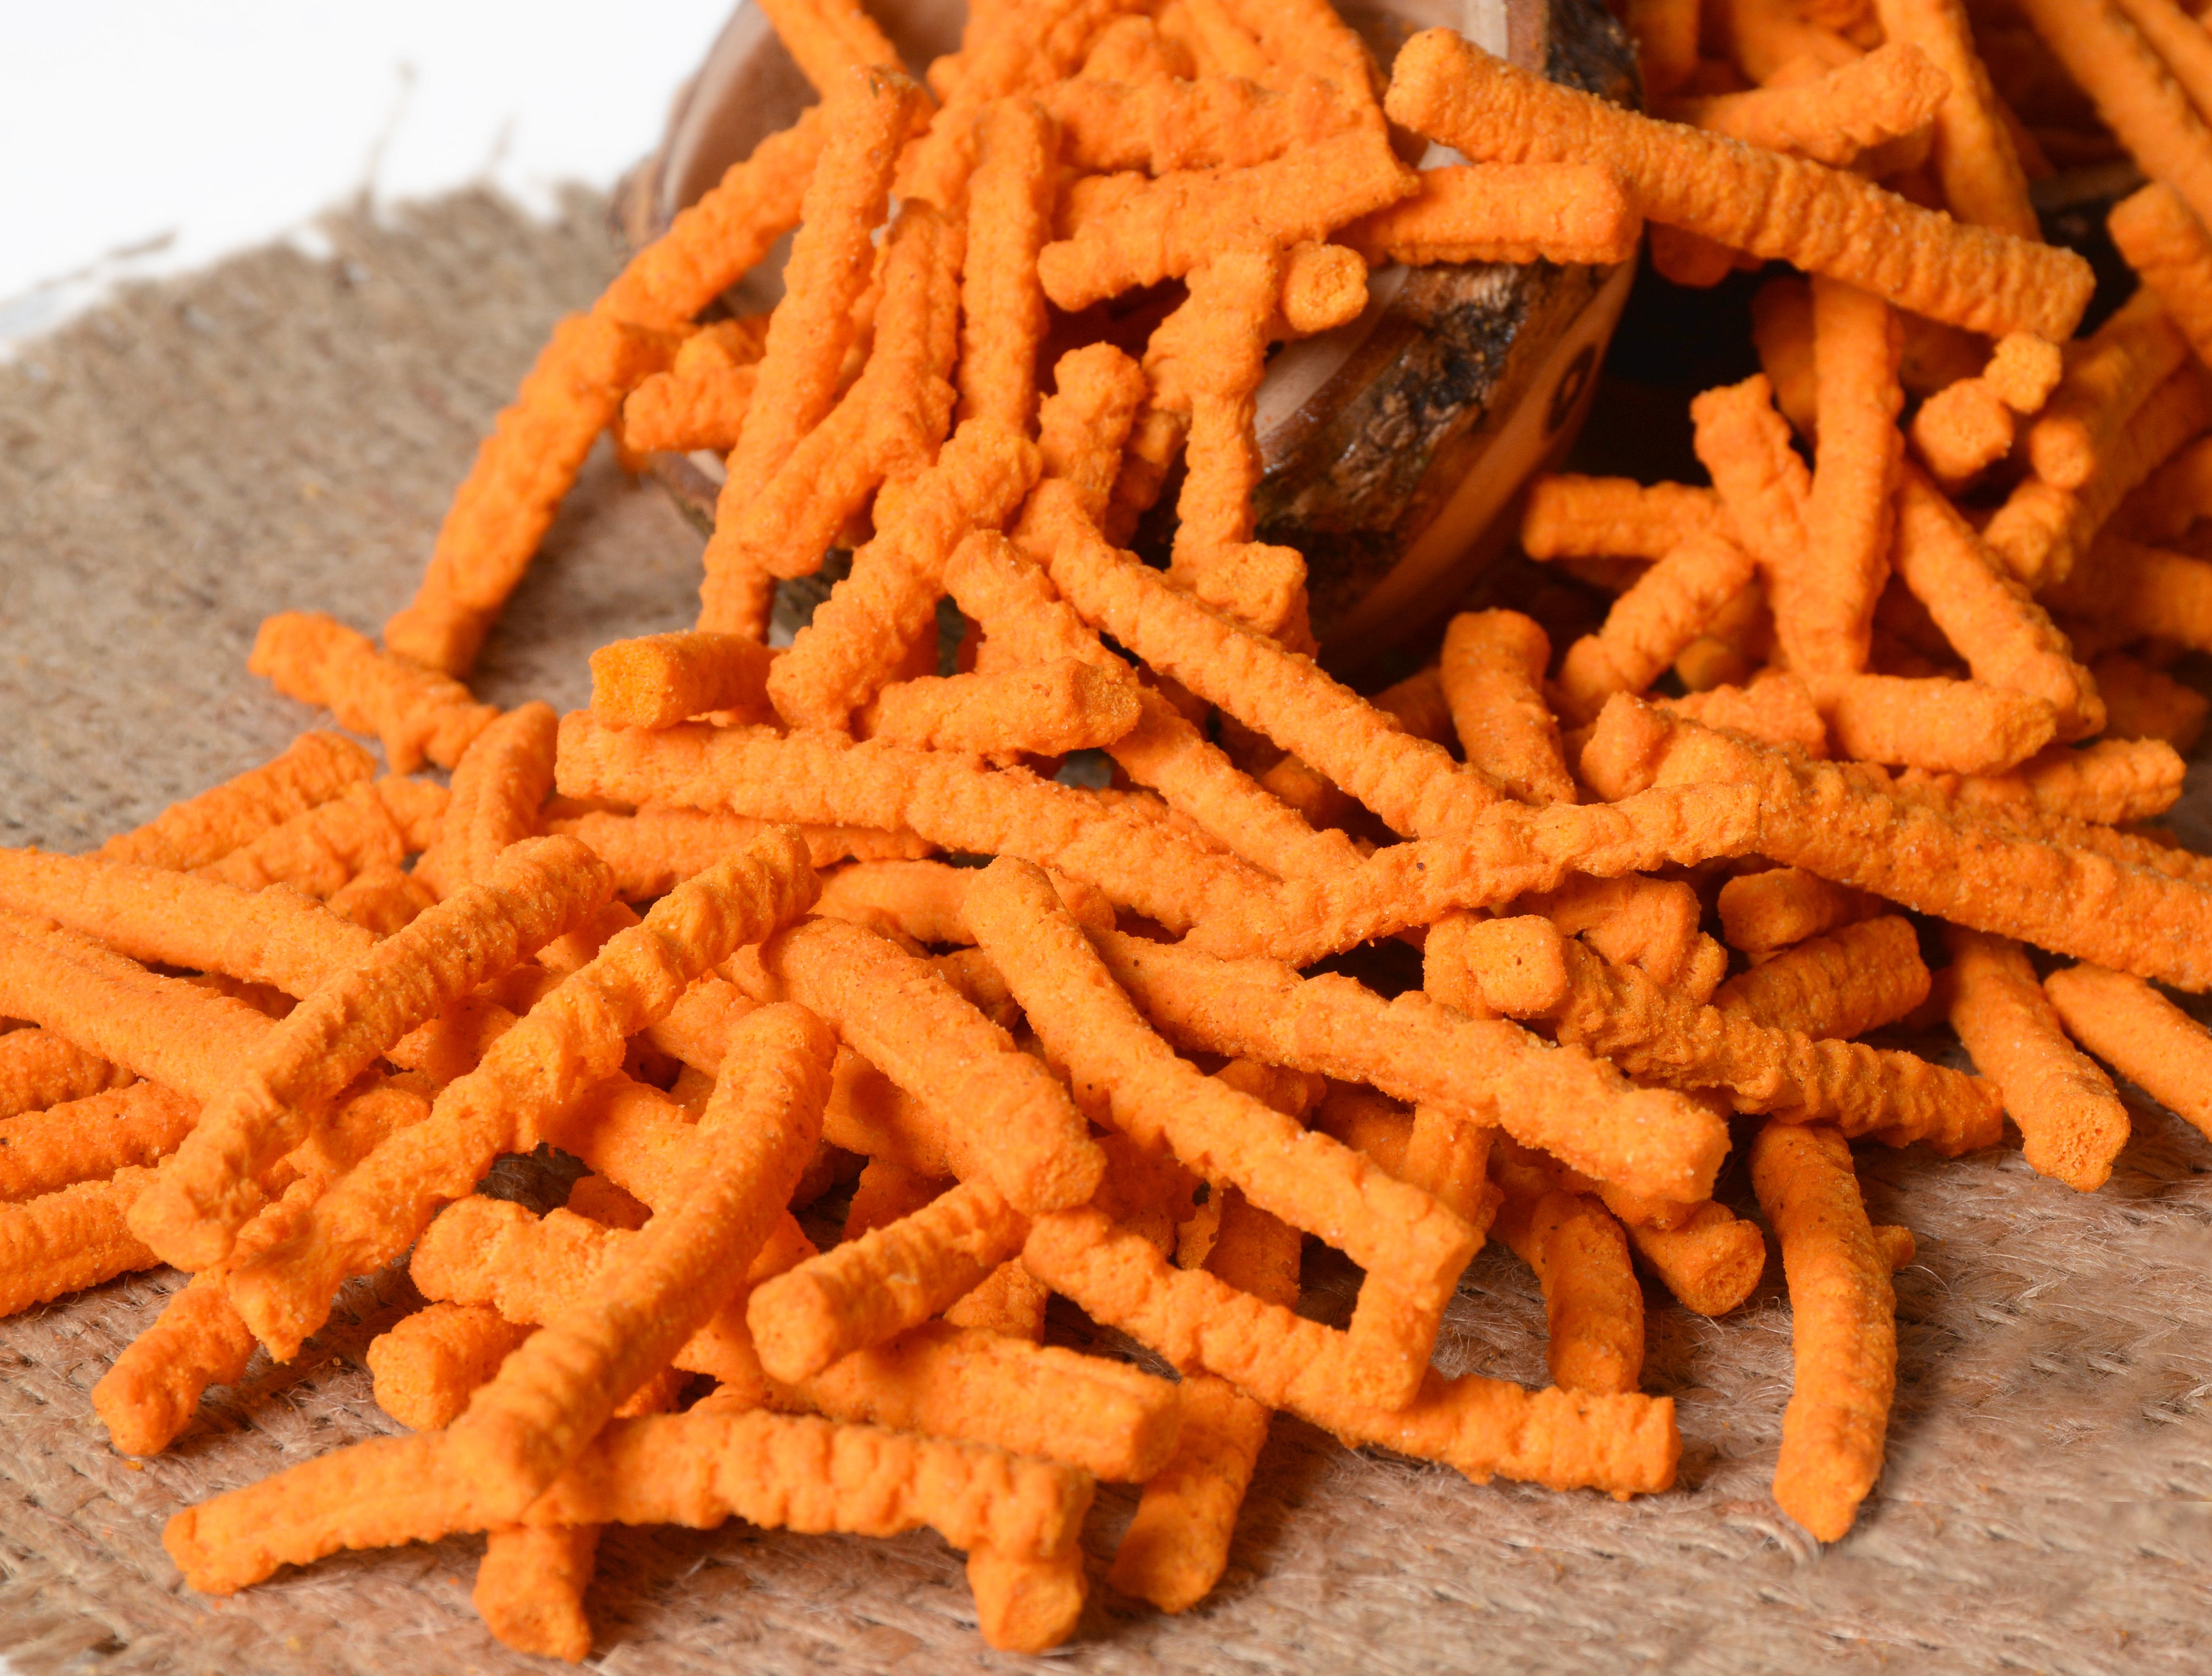 furar chips